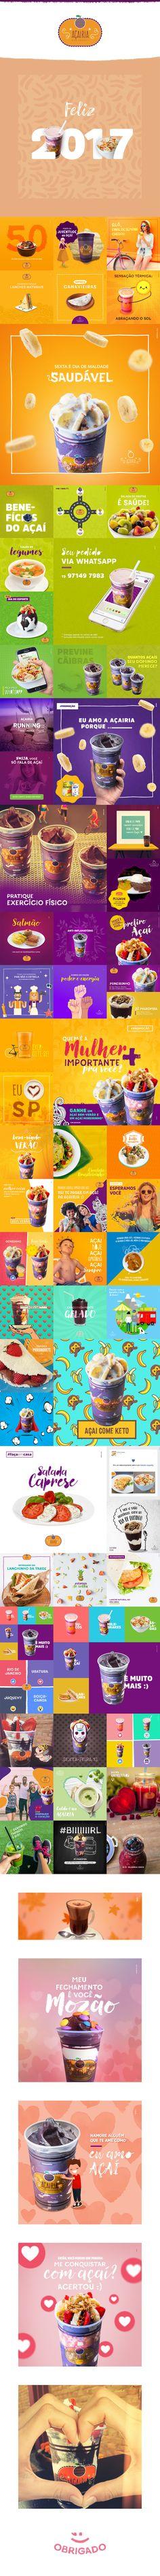 A Açairia é nosso cliente mais saudável e amor s2.A variedade no cardápio e nas cores proporcionam um layout criativo e delicioso. É de comer com o olhos, meus amigos.Nossa parceria é um sucesso e as avaliações da página não nos deixam mentir. São 5 d…